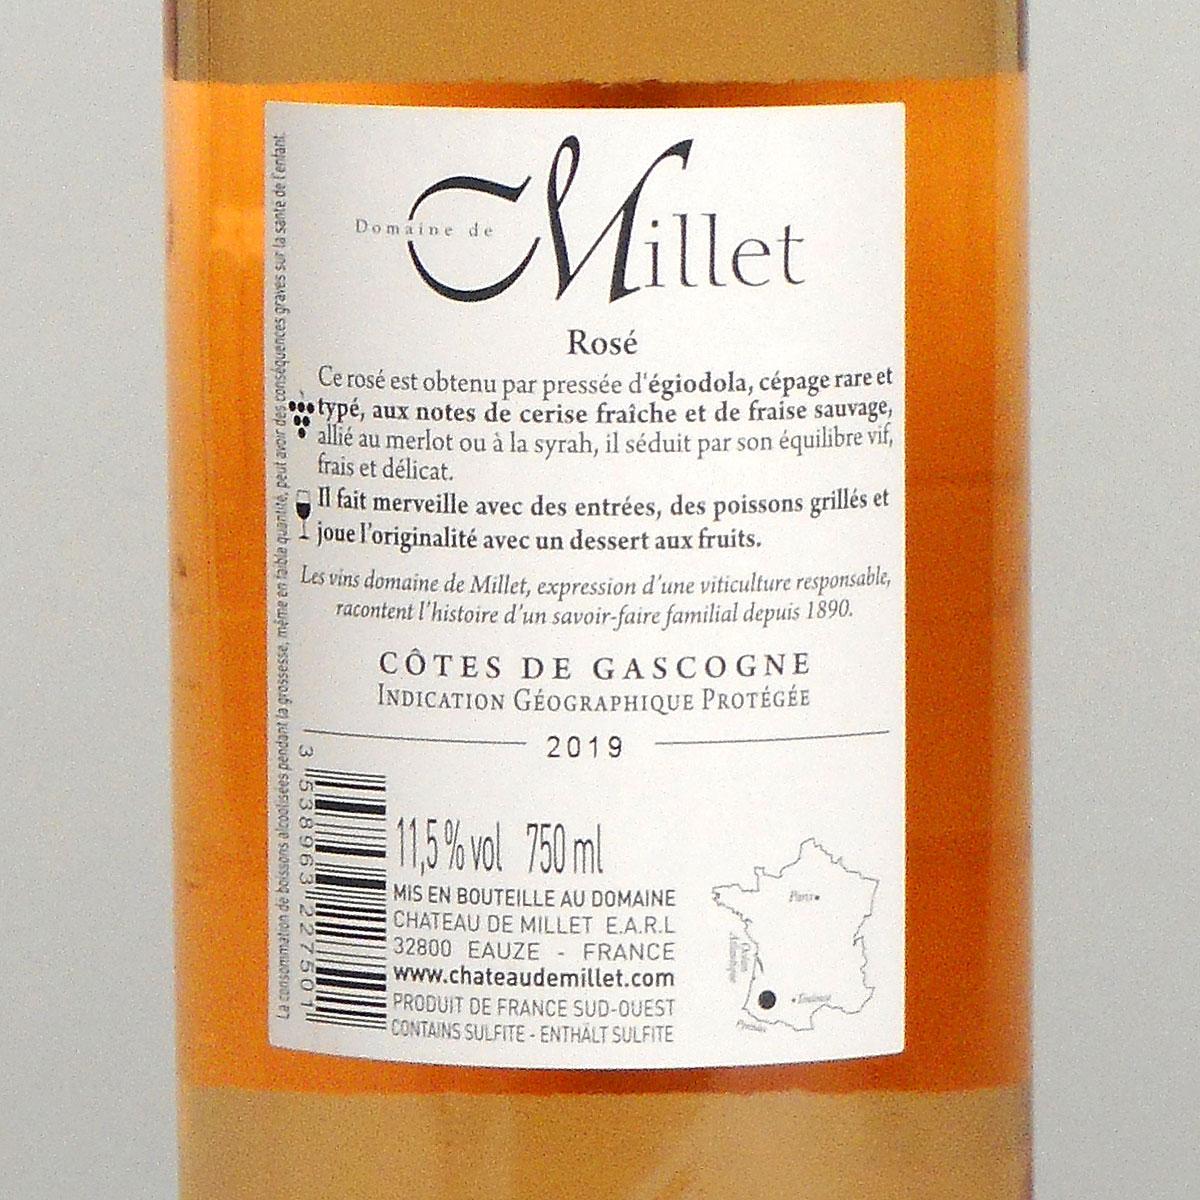 Côtes de Gascogne: Domaine Millet Rosé 2019 - Bottle Rear Label